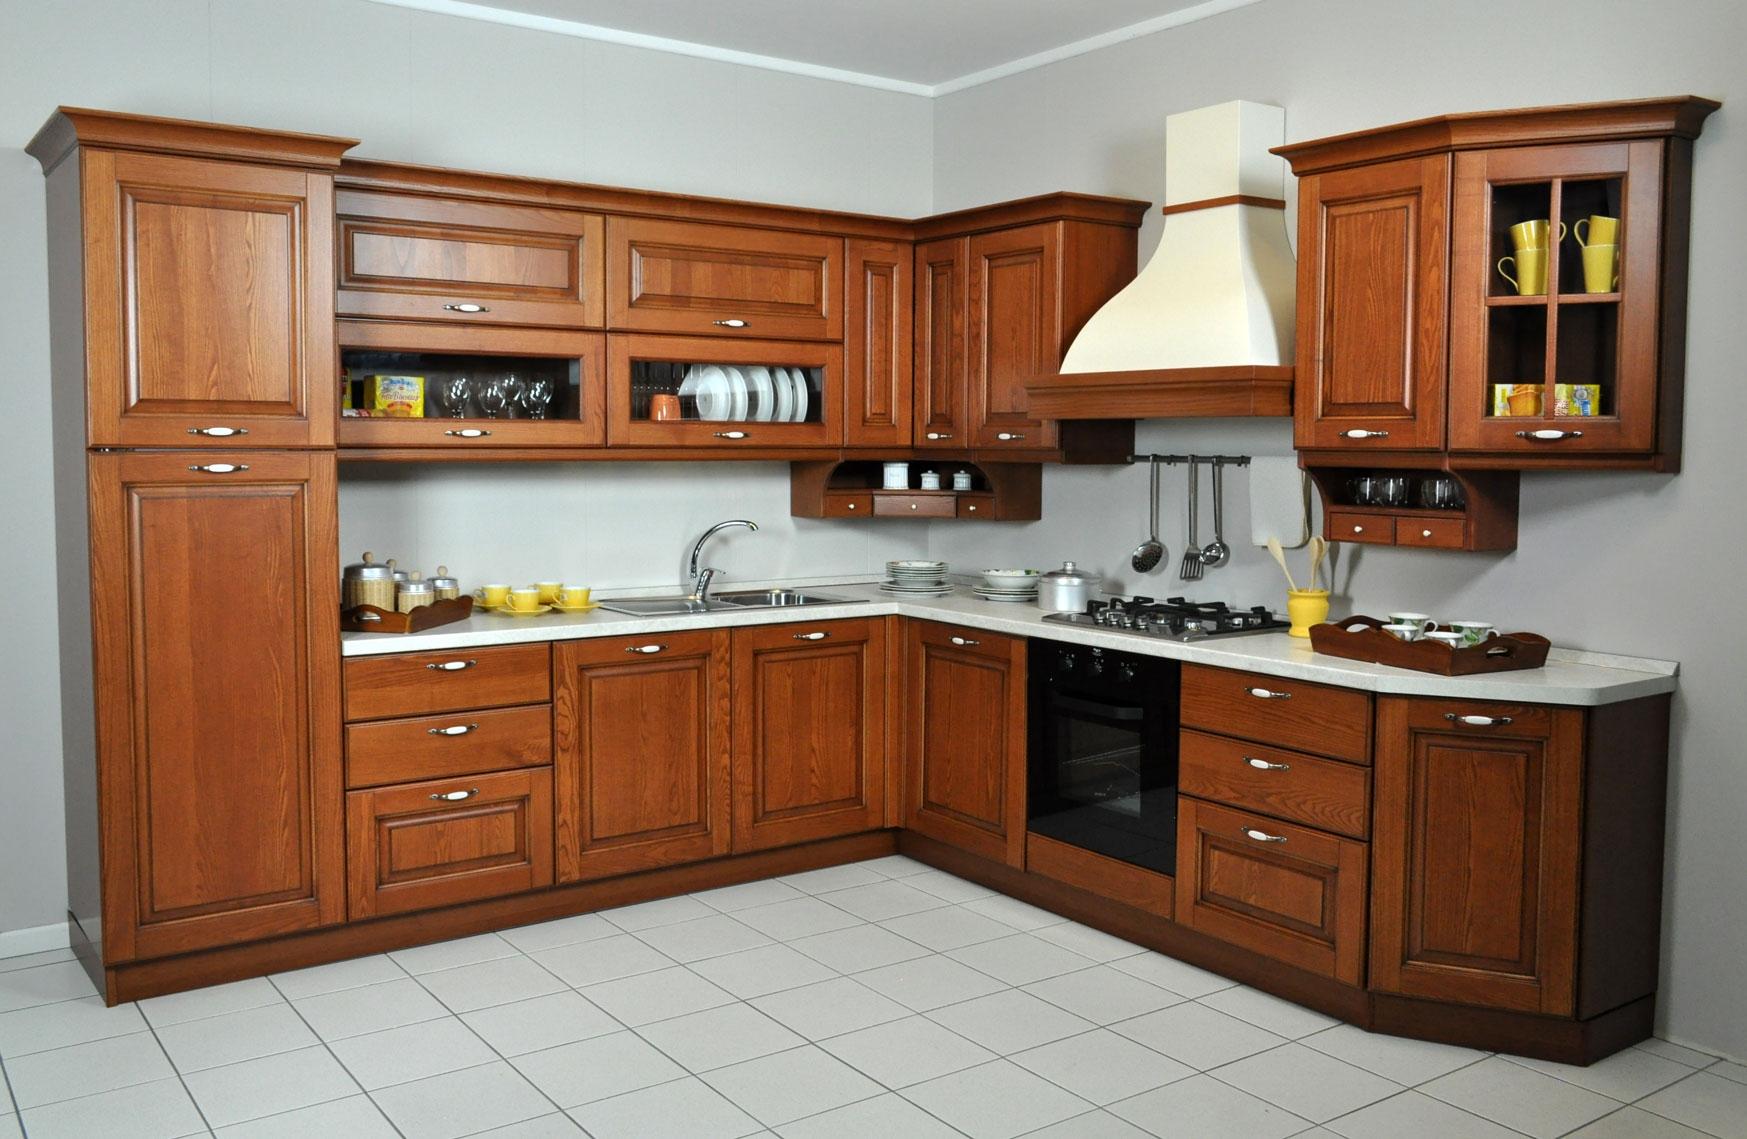 Cucina angolare veneta cucine con elettrodomestici scontata a prezzo offerta cucine a prezzi - Veneta cucine prezzi ...